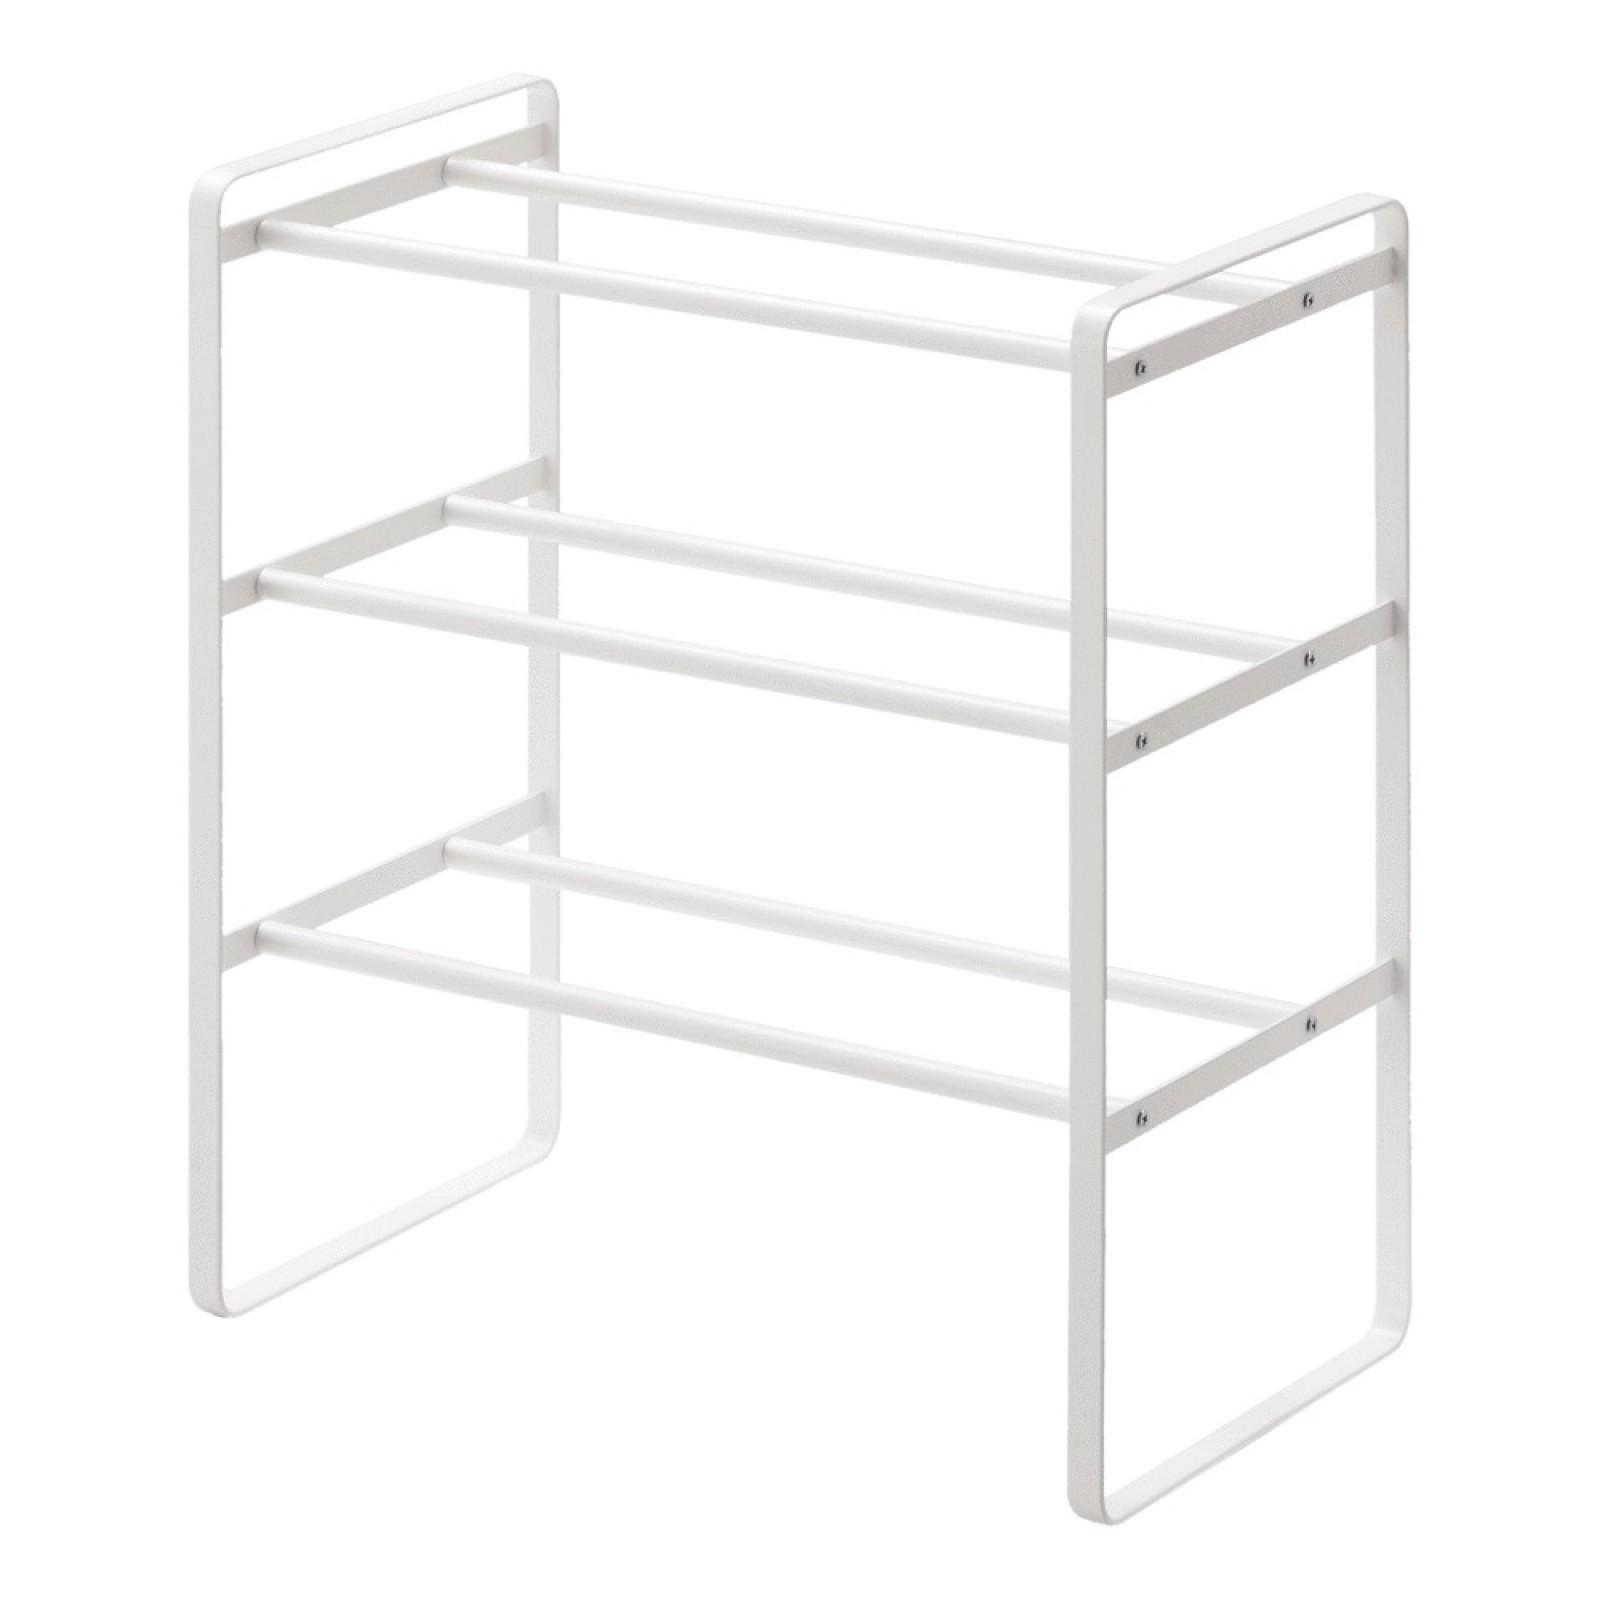 Επεκτεινόμενη Παπουτσοθήκη 3 Επιπέδων Frame (Λευκό) - Yamazaki